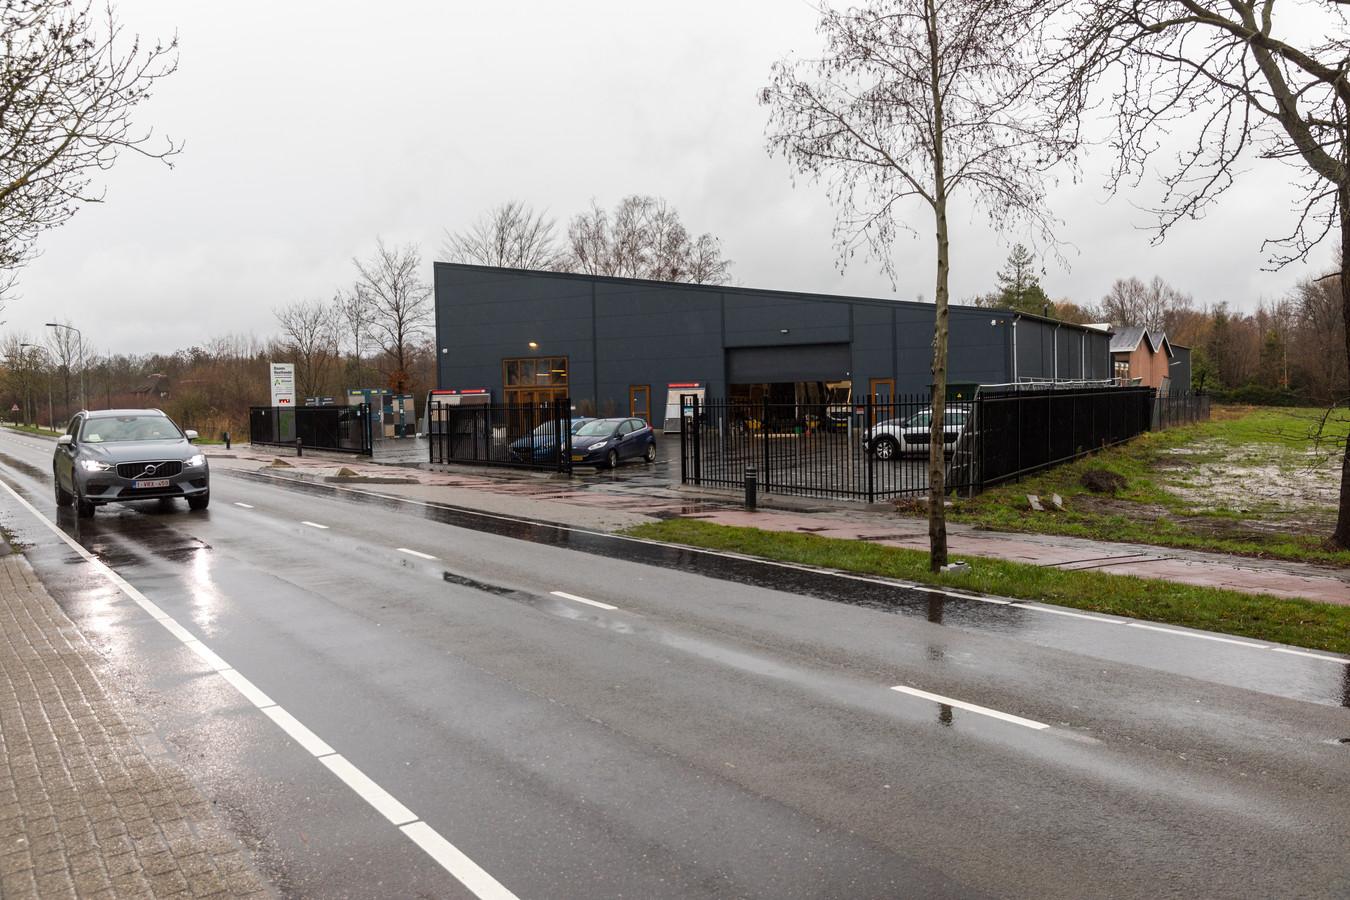 Het bedrijfspand van Daams, met rechts daarvan een deel van de agrarische grond waar de opslagloods met showtuin mag komen.